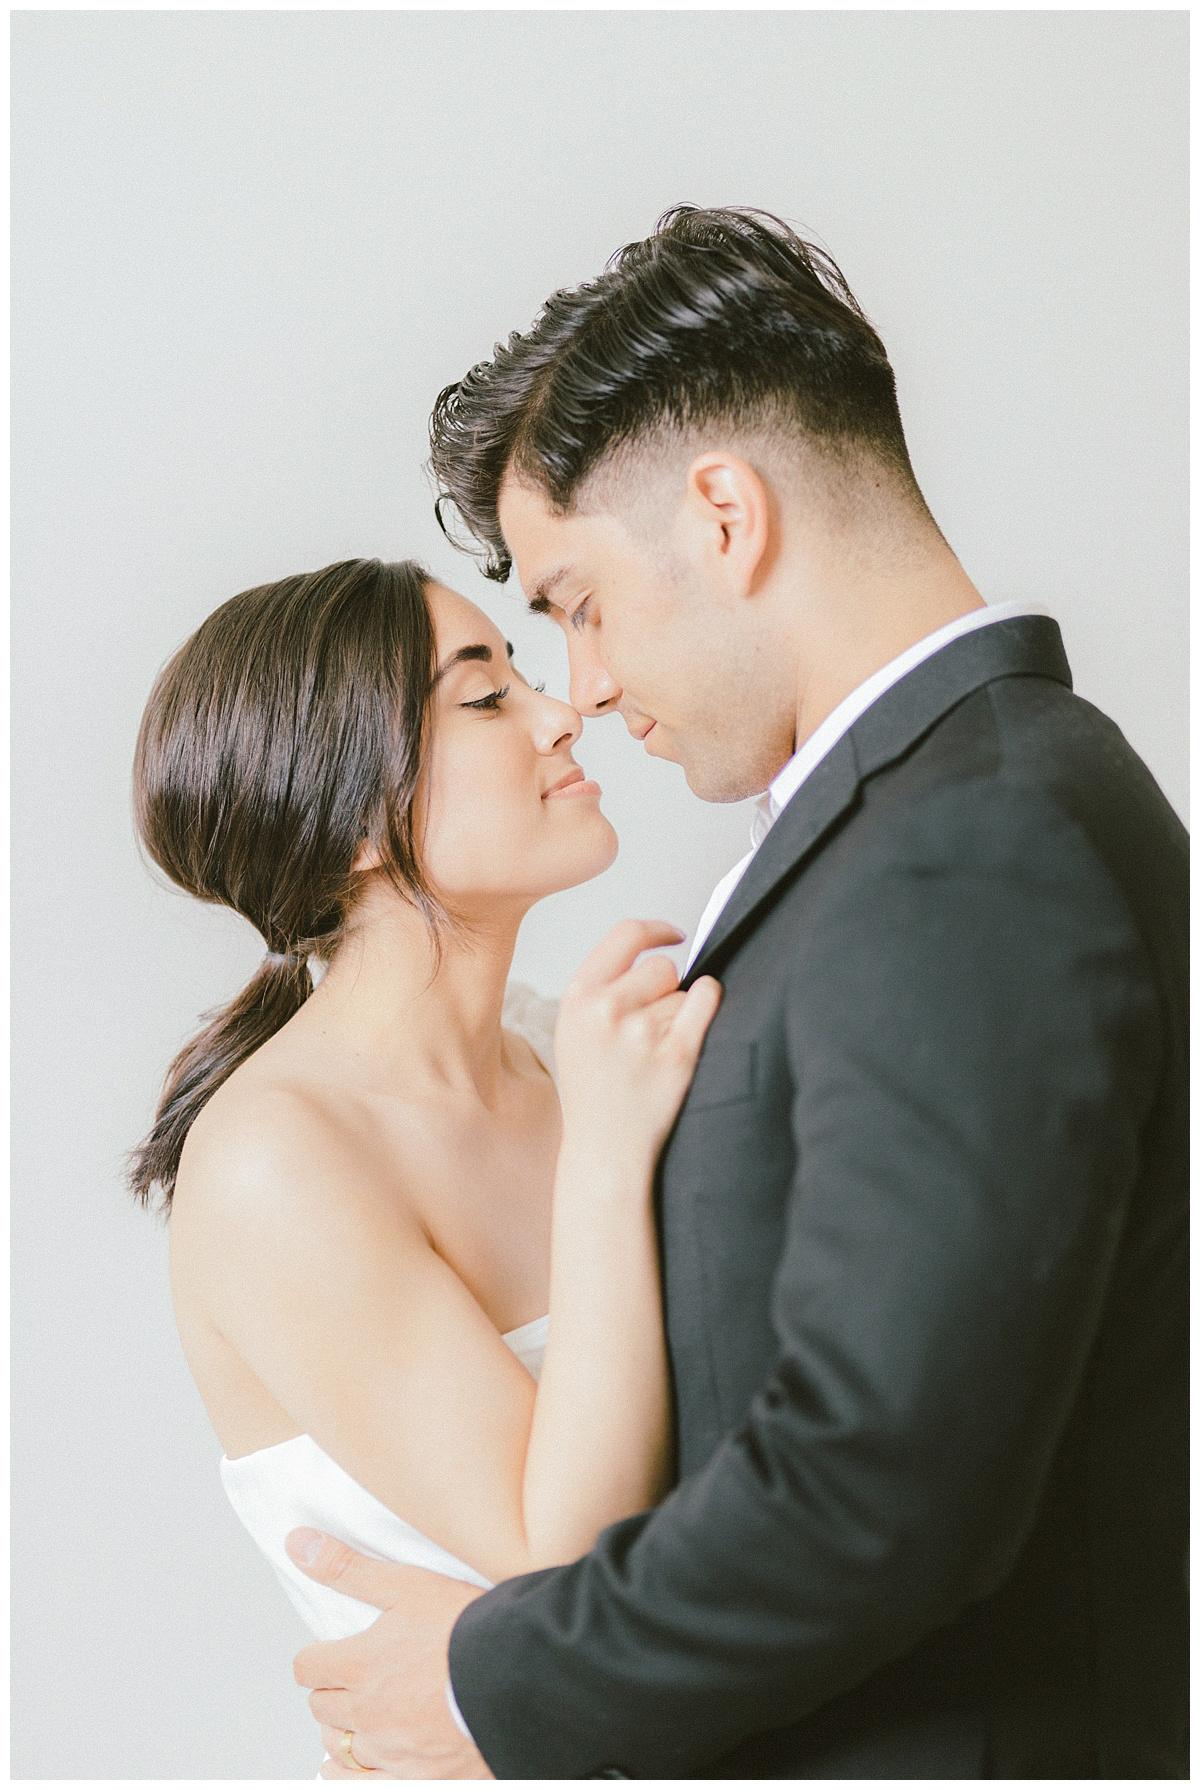 Hong Kong Fine Art Wedding Prewedding Photographer Mattie C. 00009.jpg